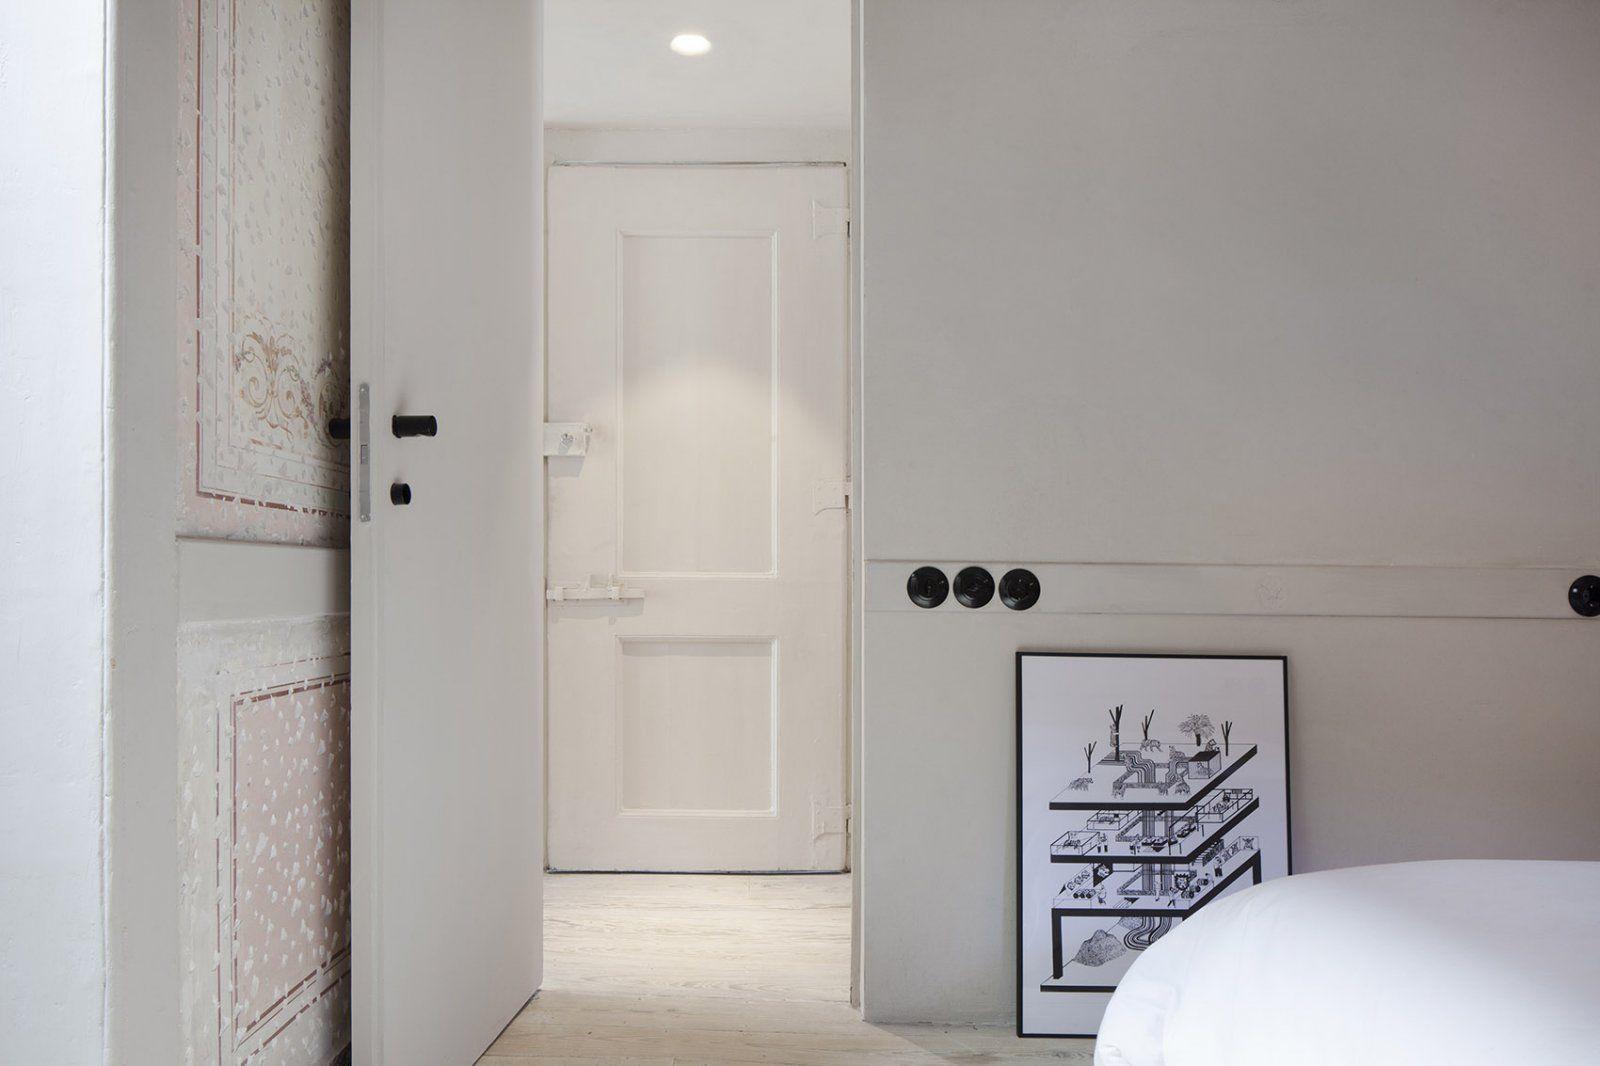 粗野与简洁,遗存与现代:里斯本Lapa公寓 | Studio Gameiro|Studio Gameiro - 15